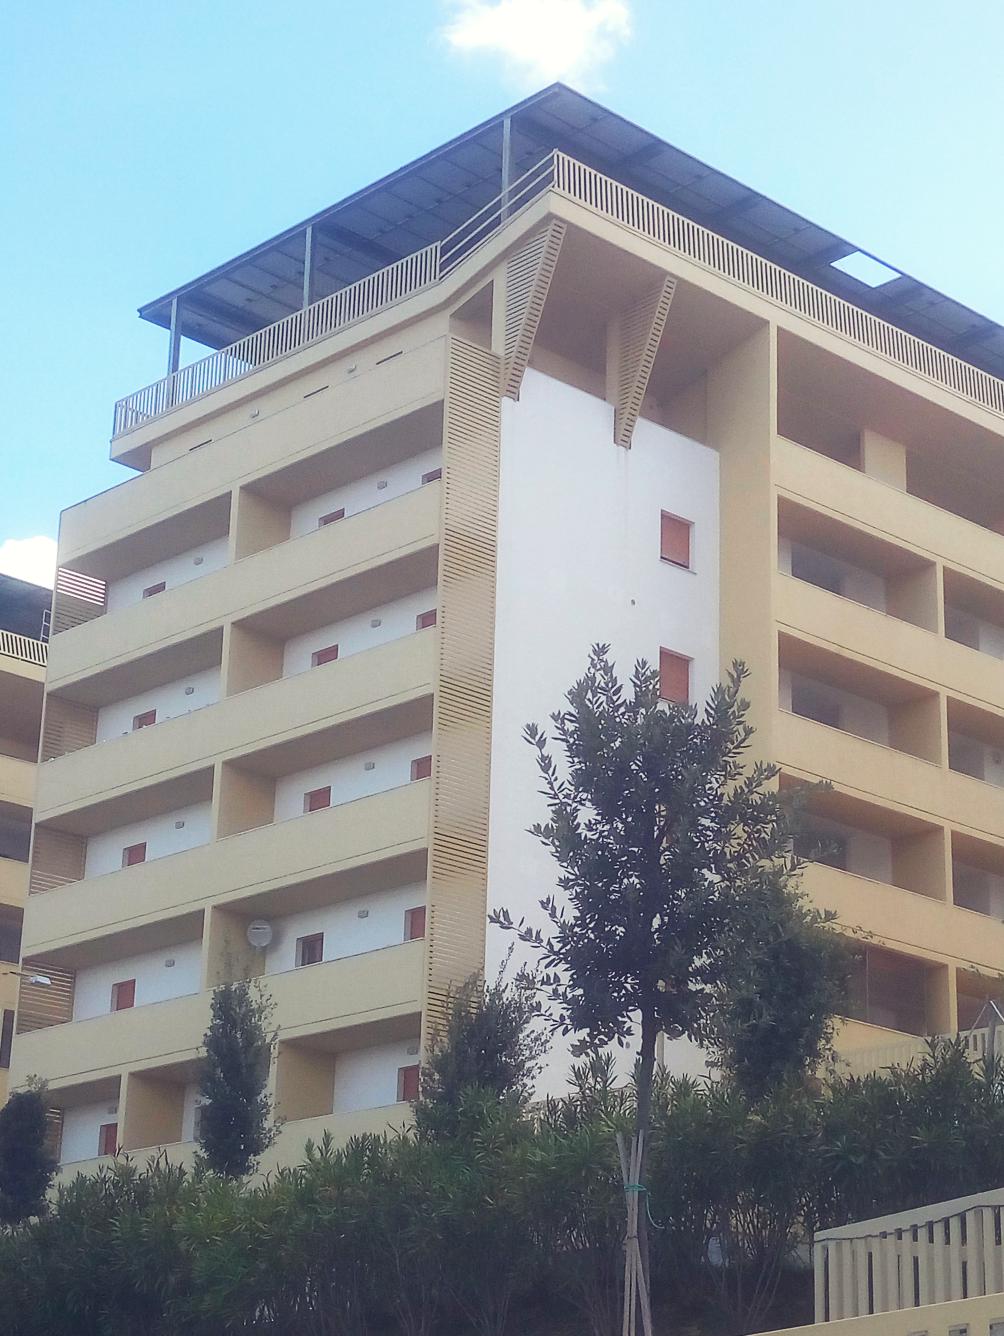 appartamento chieti vendita  scalo - università  immobiliare lattanzio e miccoli snc